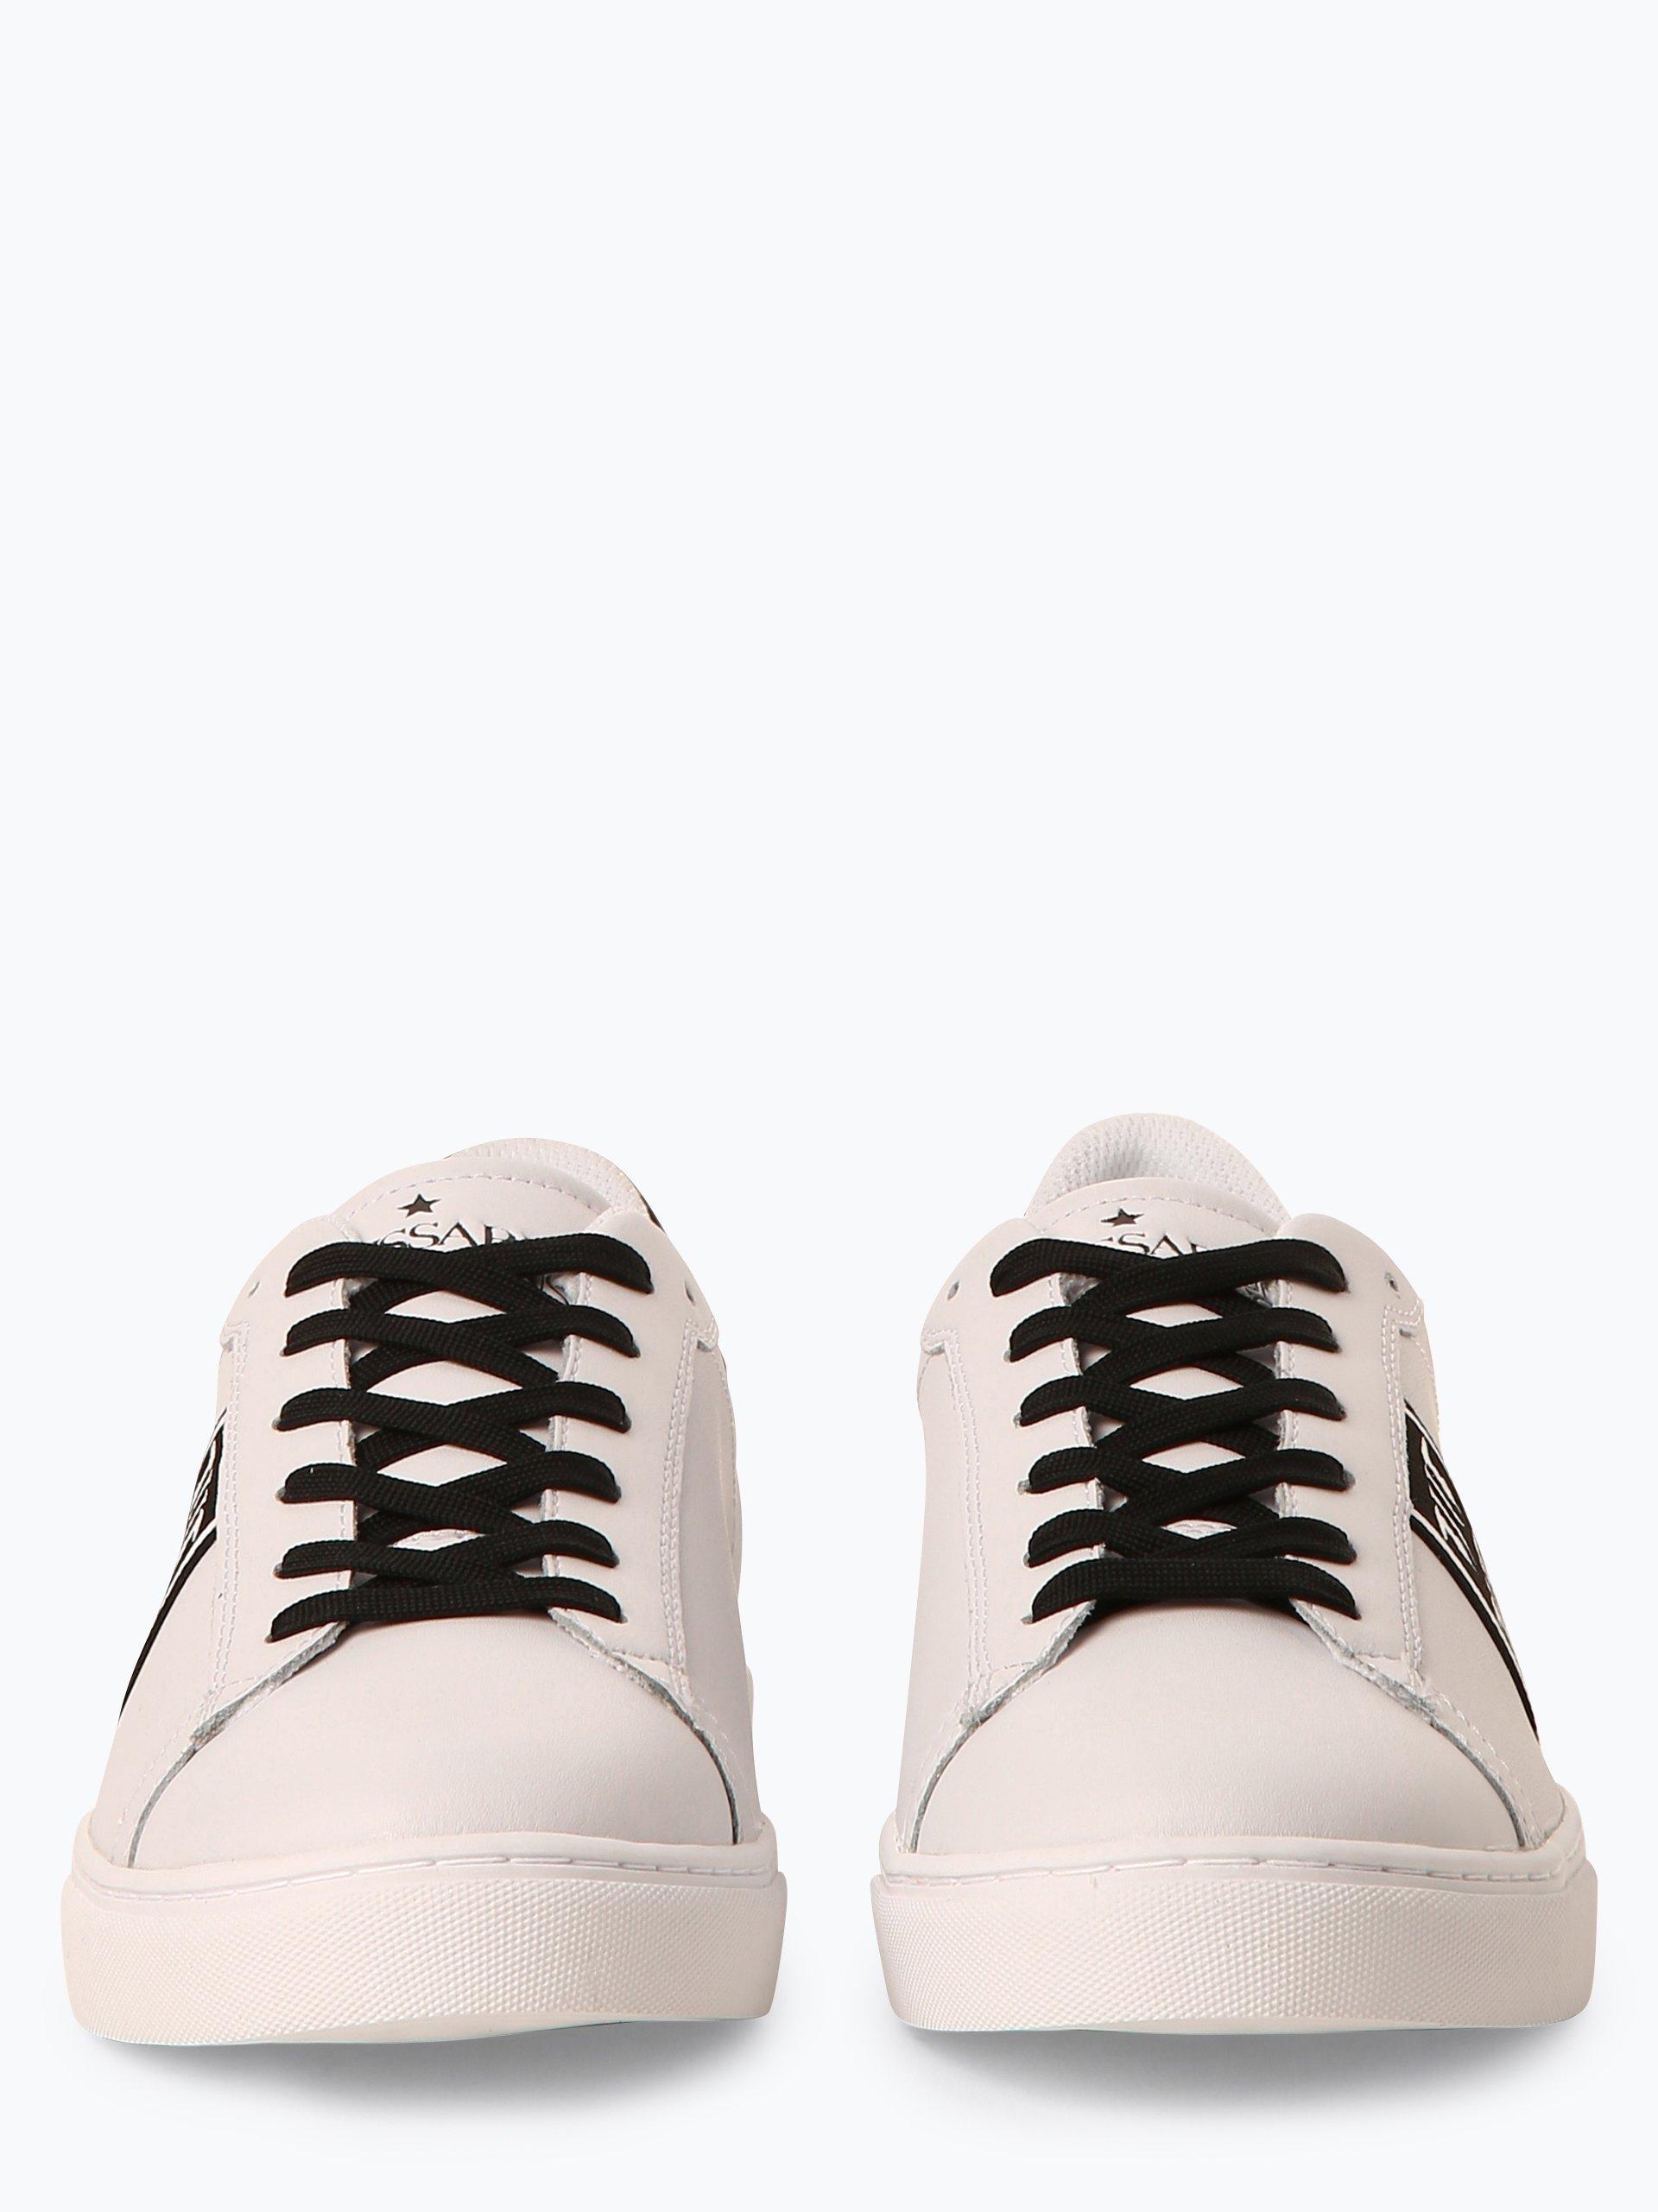 Trussadi Jeans Herren Sneaker aus Leder